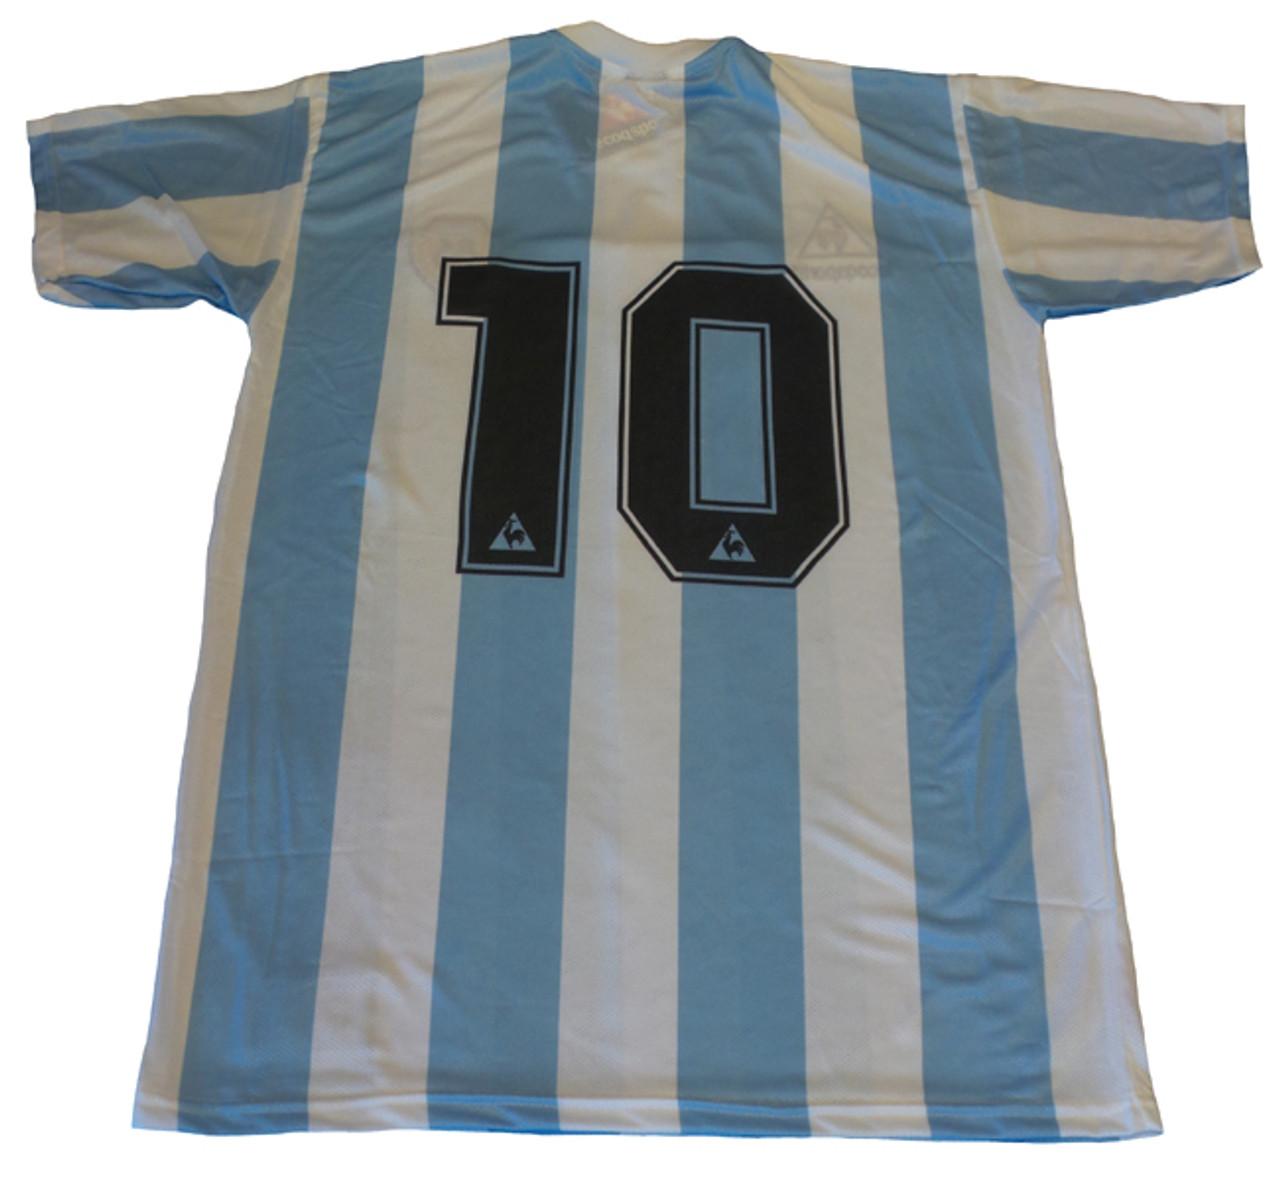 23641f147e6 LE COQ SPORTIF ARGENTINA 1986 MARADONA HOME RETRO JERSEY - Soccer Plus